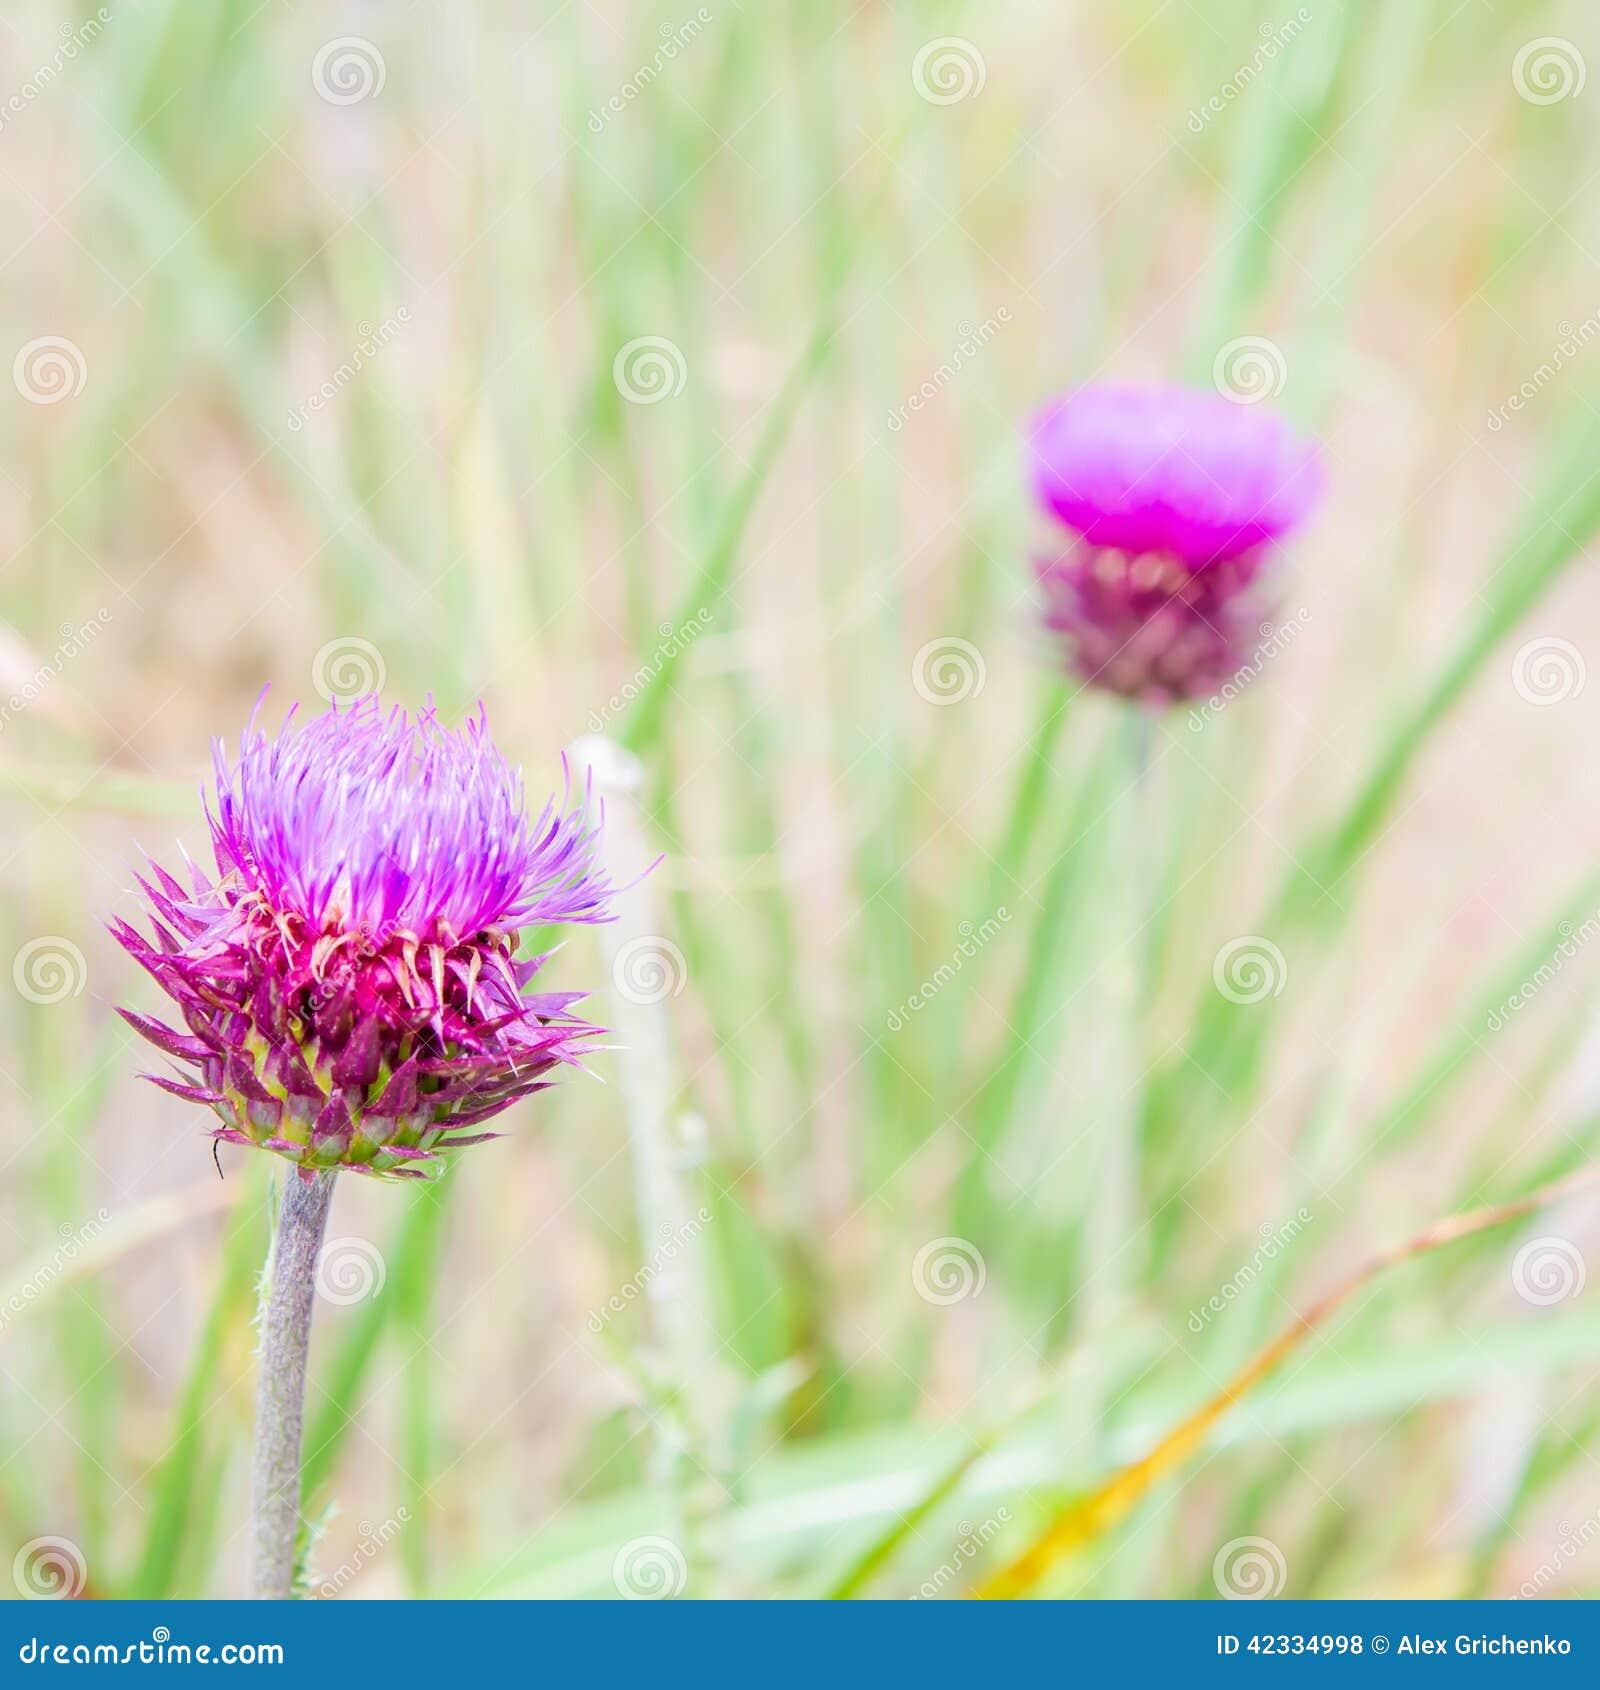 Acanthium花草甸onopordum工厂尖刻的蓟 Onopordum acanthium 尖刻的工厂